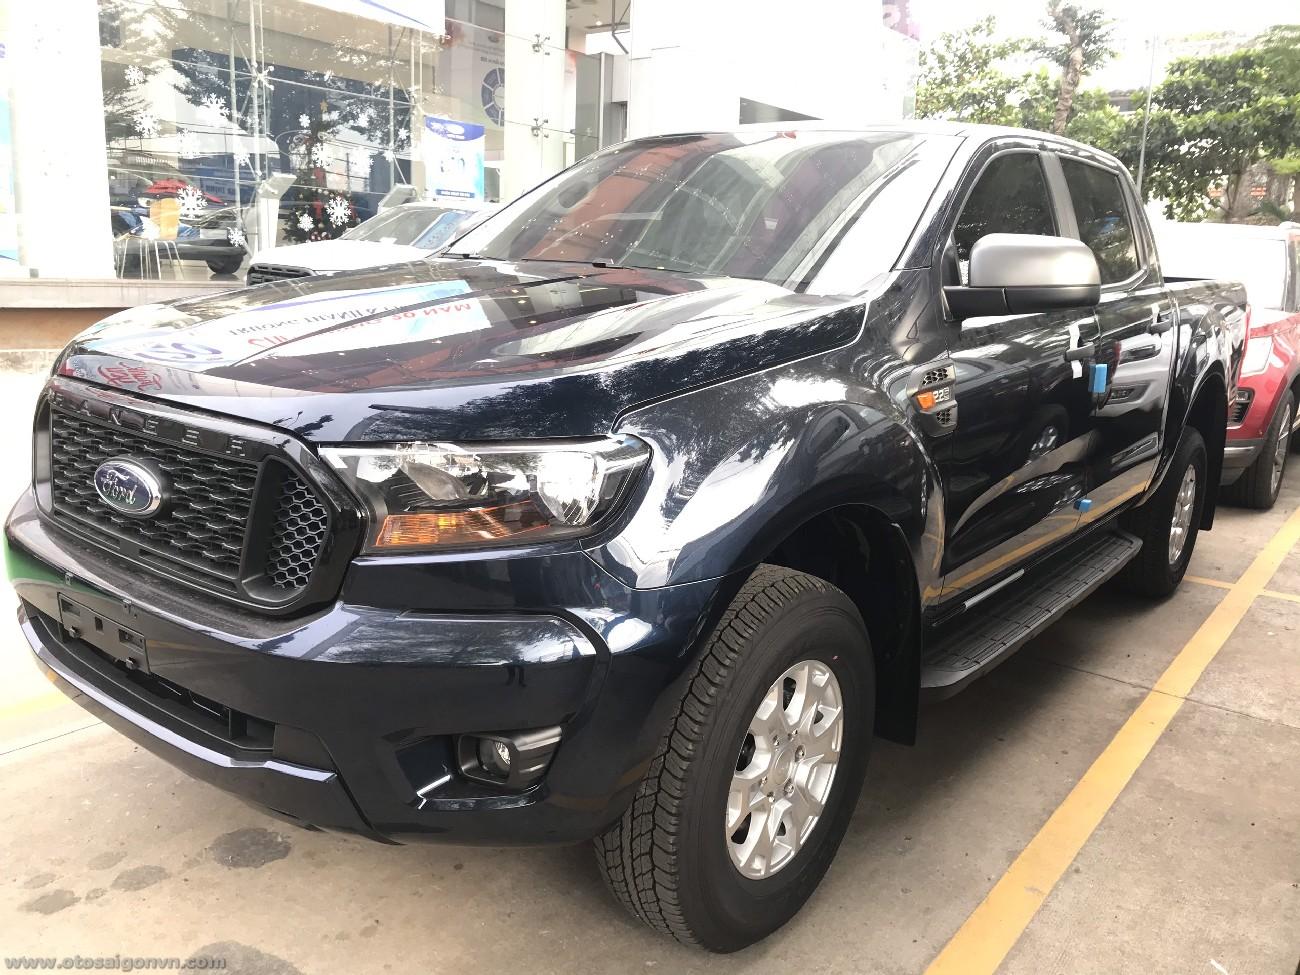 Ford Ranger XLS 2.2L 4x2 AT 2021 1 cầu số tự động mới giao ngay. 9